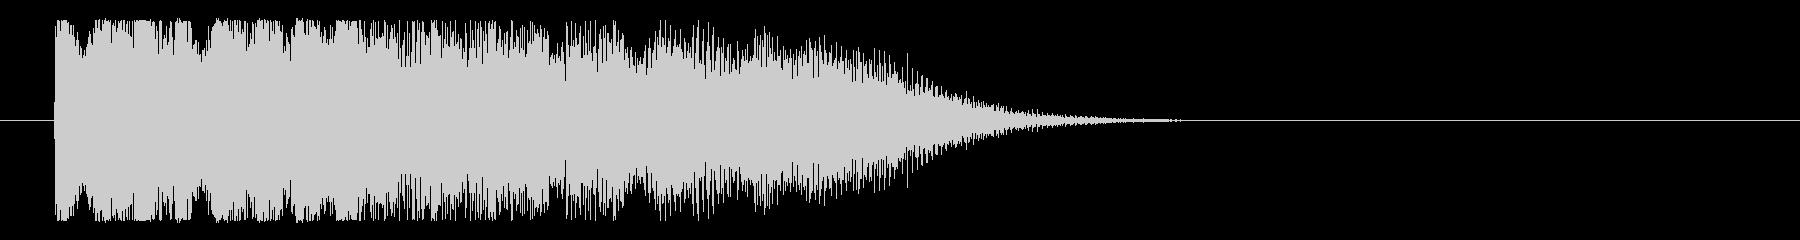 チャララランという落ち着いたロゴの未再生の波形